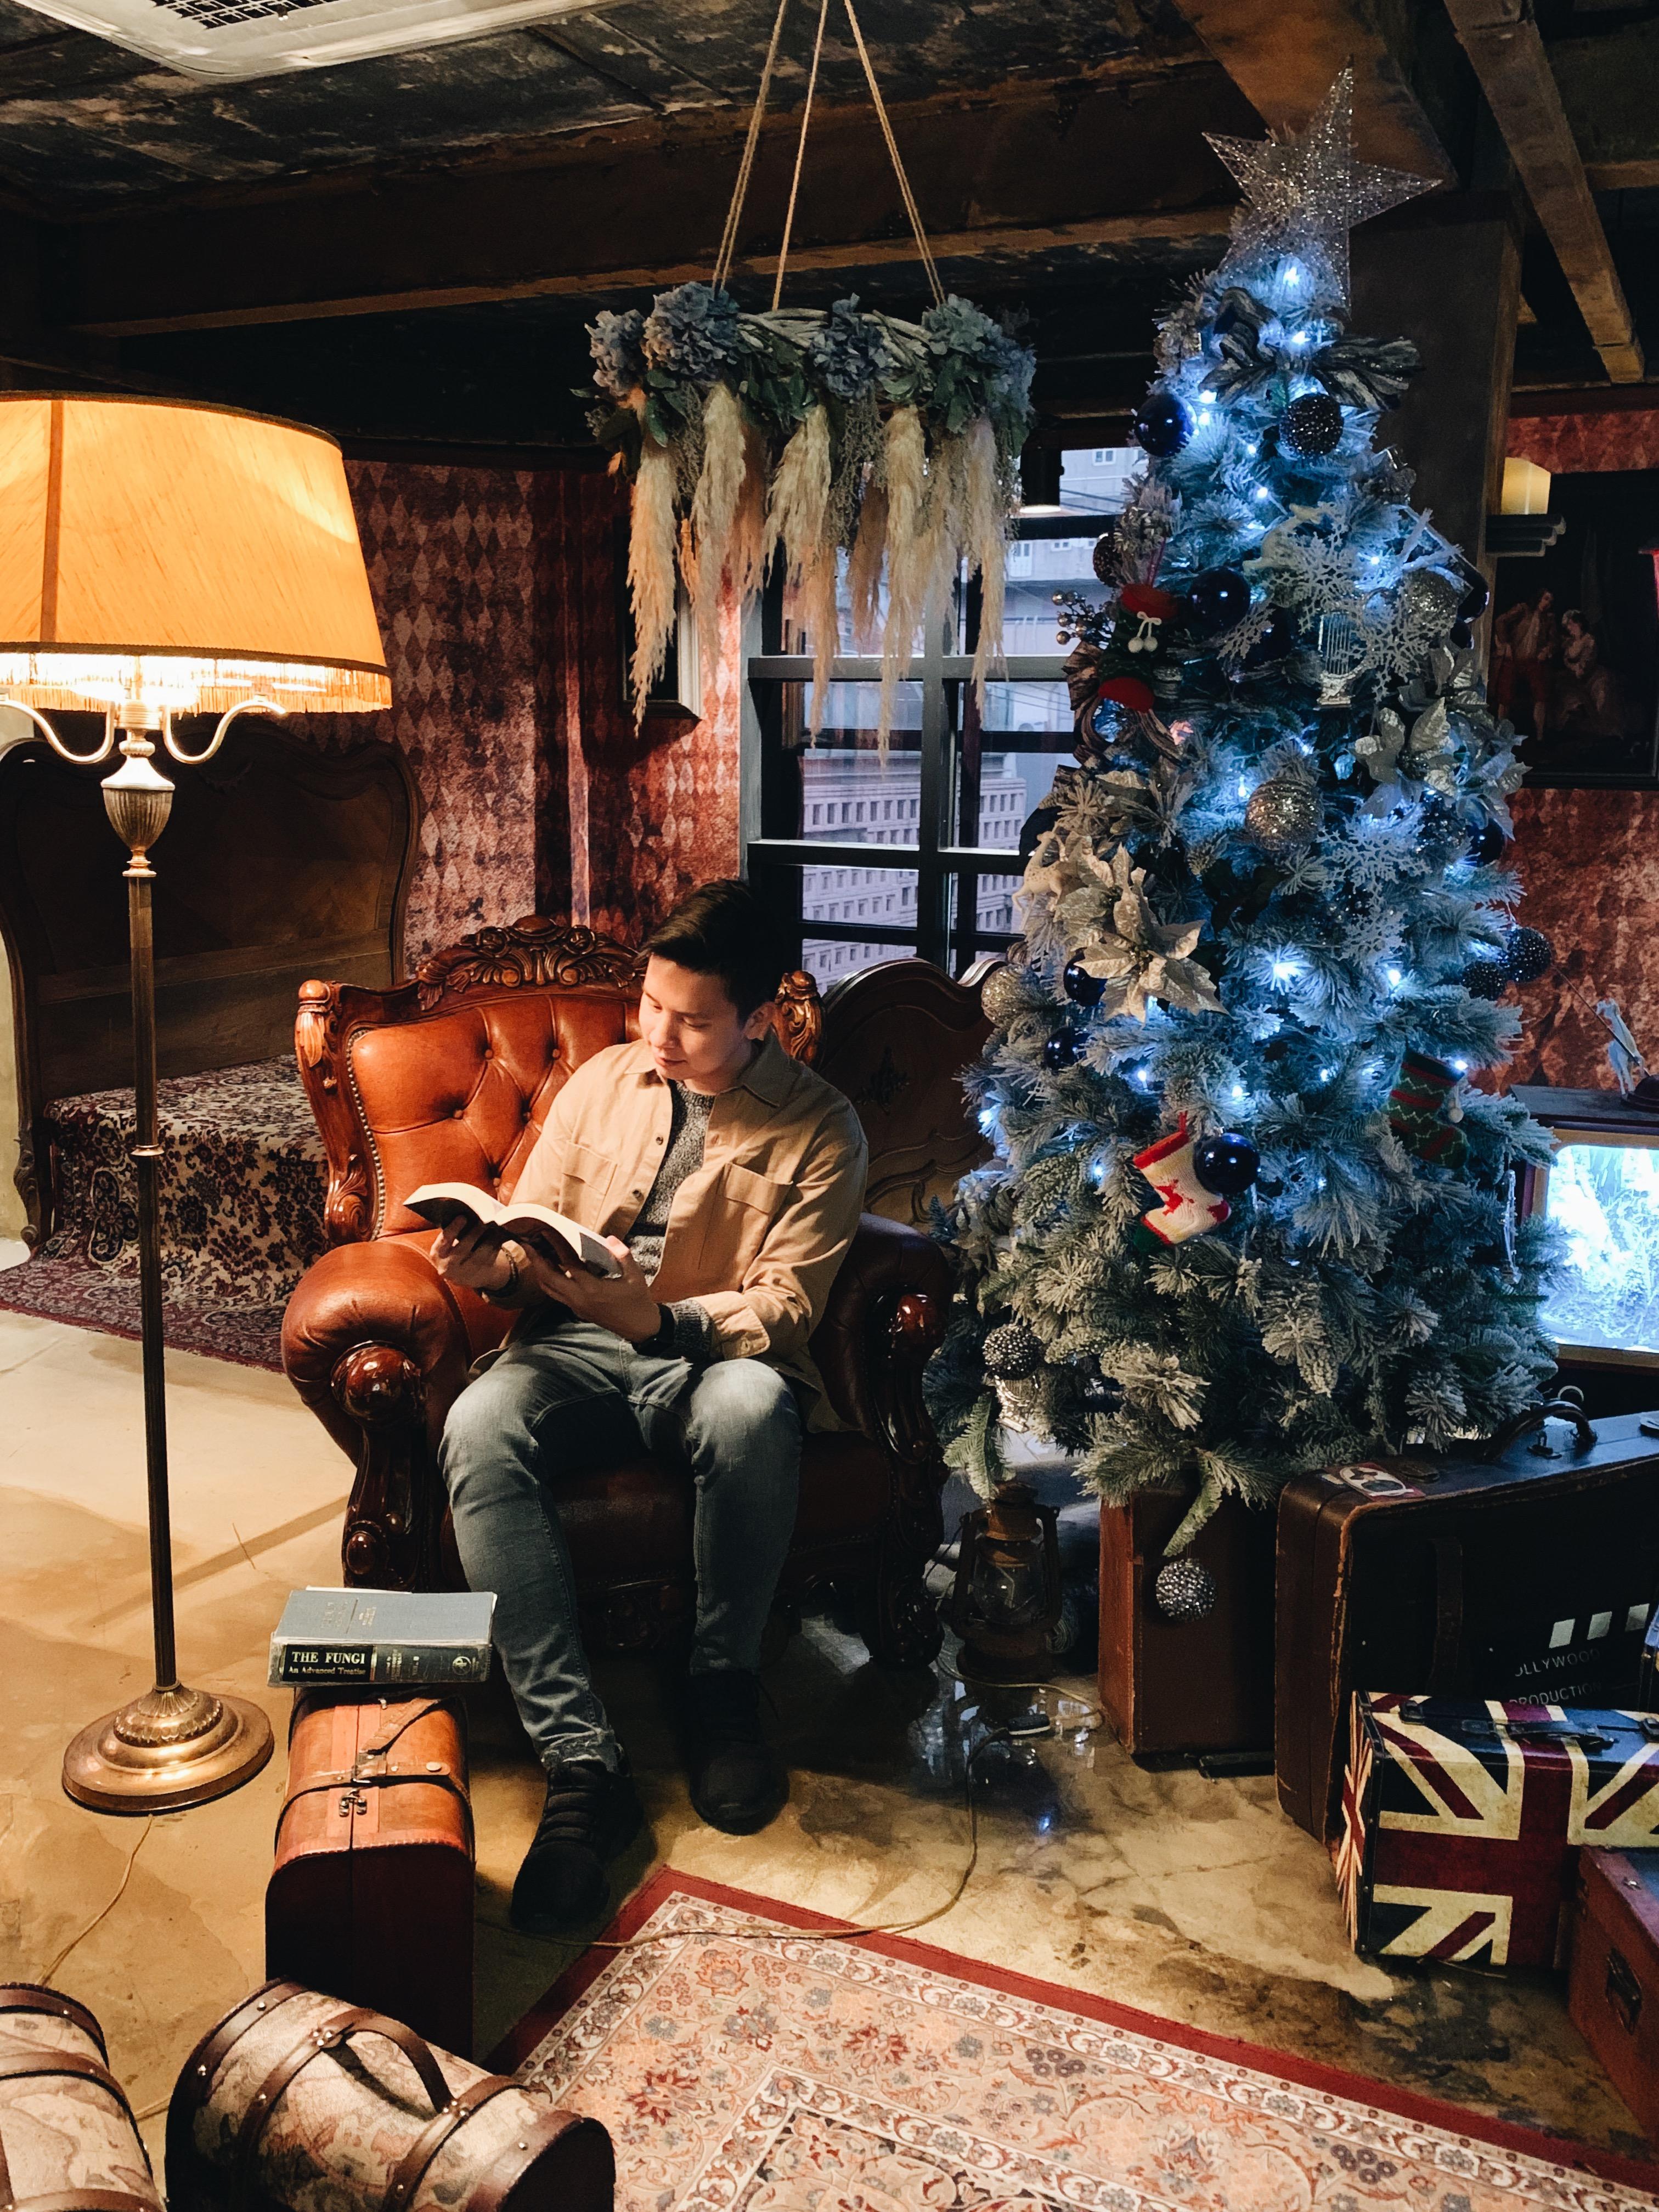 Christmas tree and photo set up